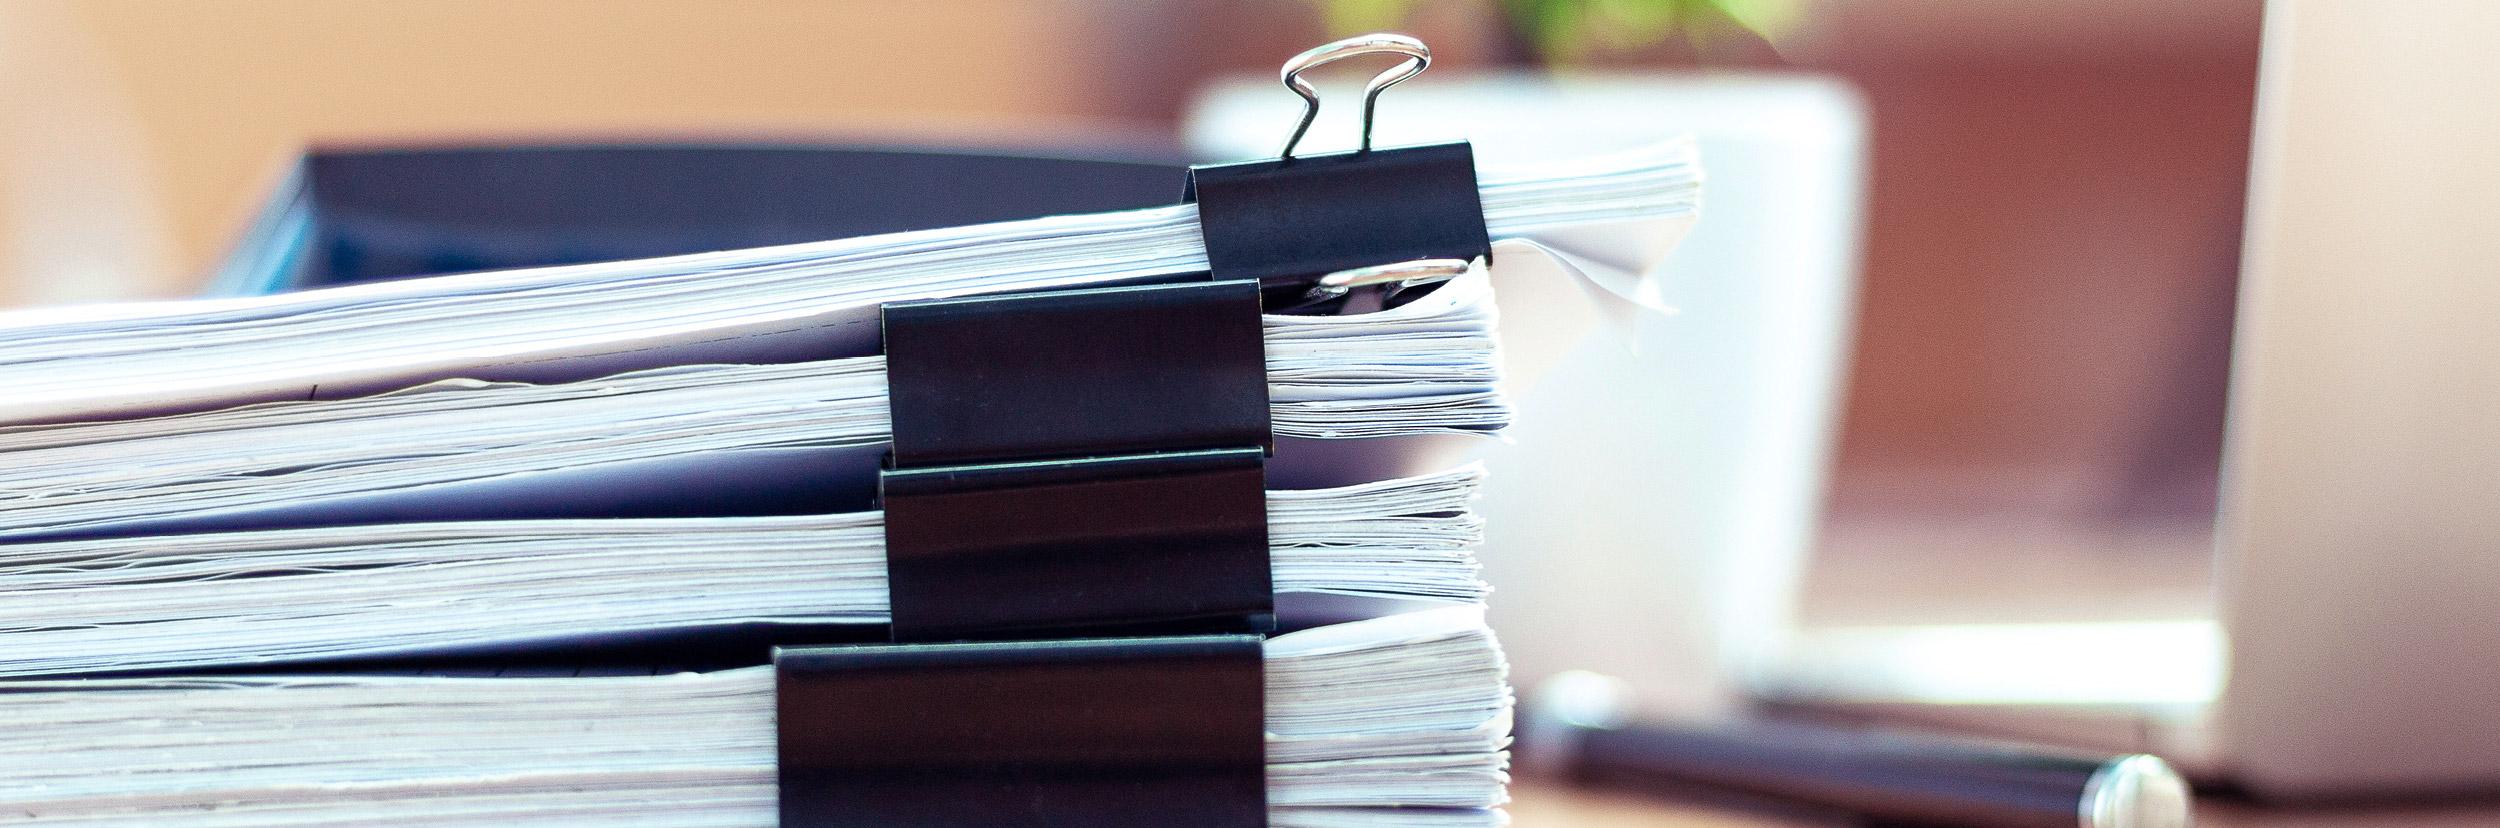 Advoteam-Rechtsanwaltskanzlei-Rechtsgebiet-Versicherungsrecht